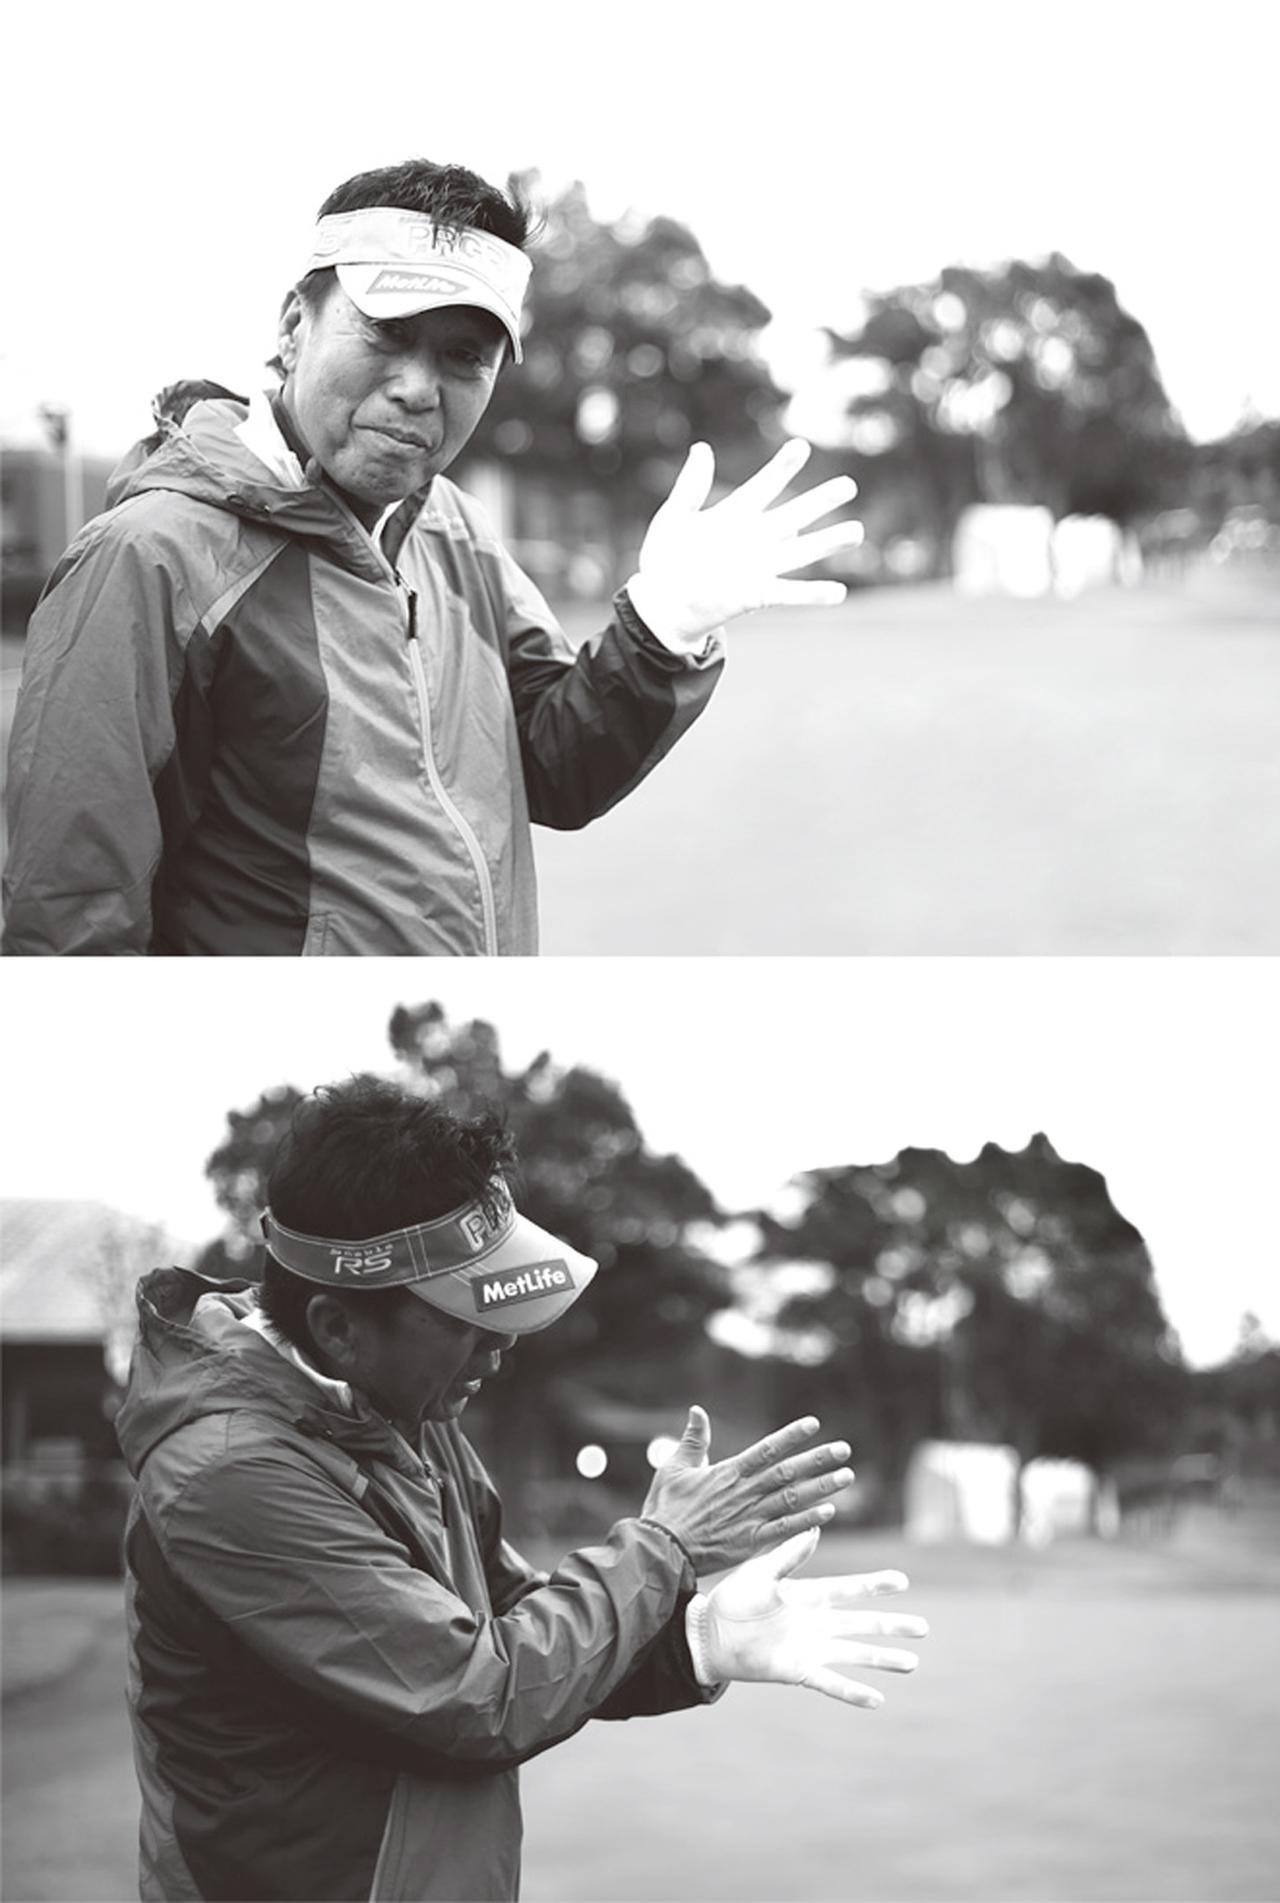 画像: 「プロは10 本くらい打ち分けるかも……でも皆さんは5 本指ぶんの高さでの打ち分けから。指から球筋をイメージして練習してみましょう」(奥田)